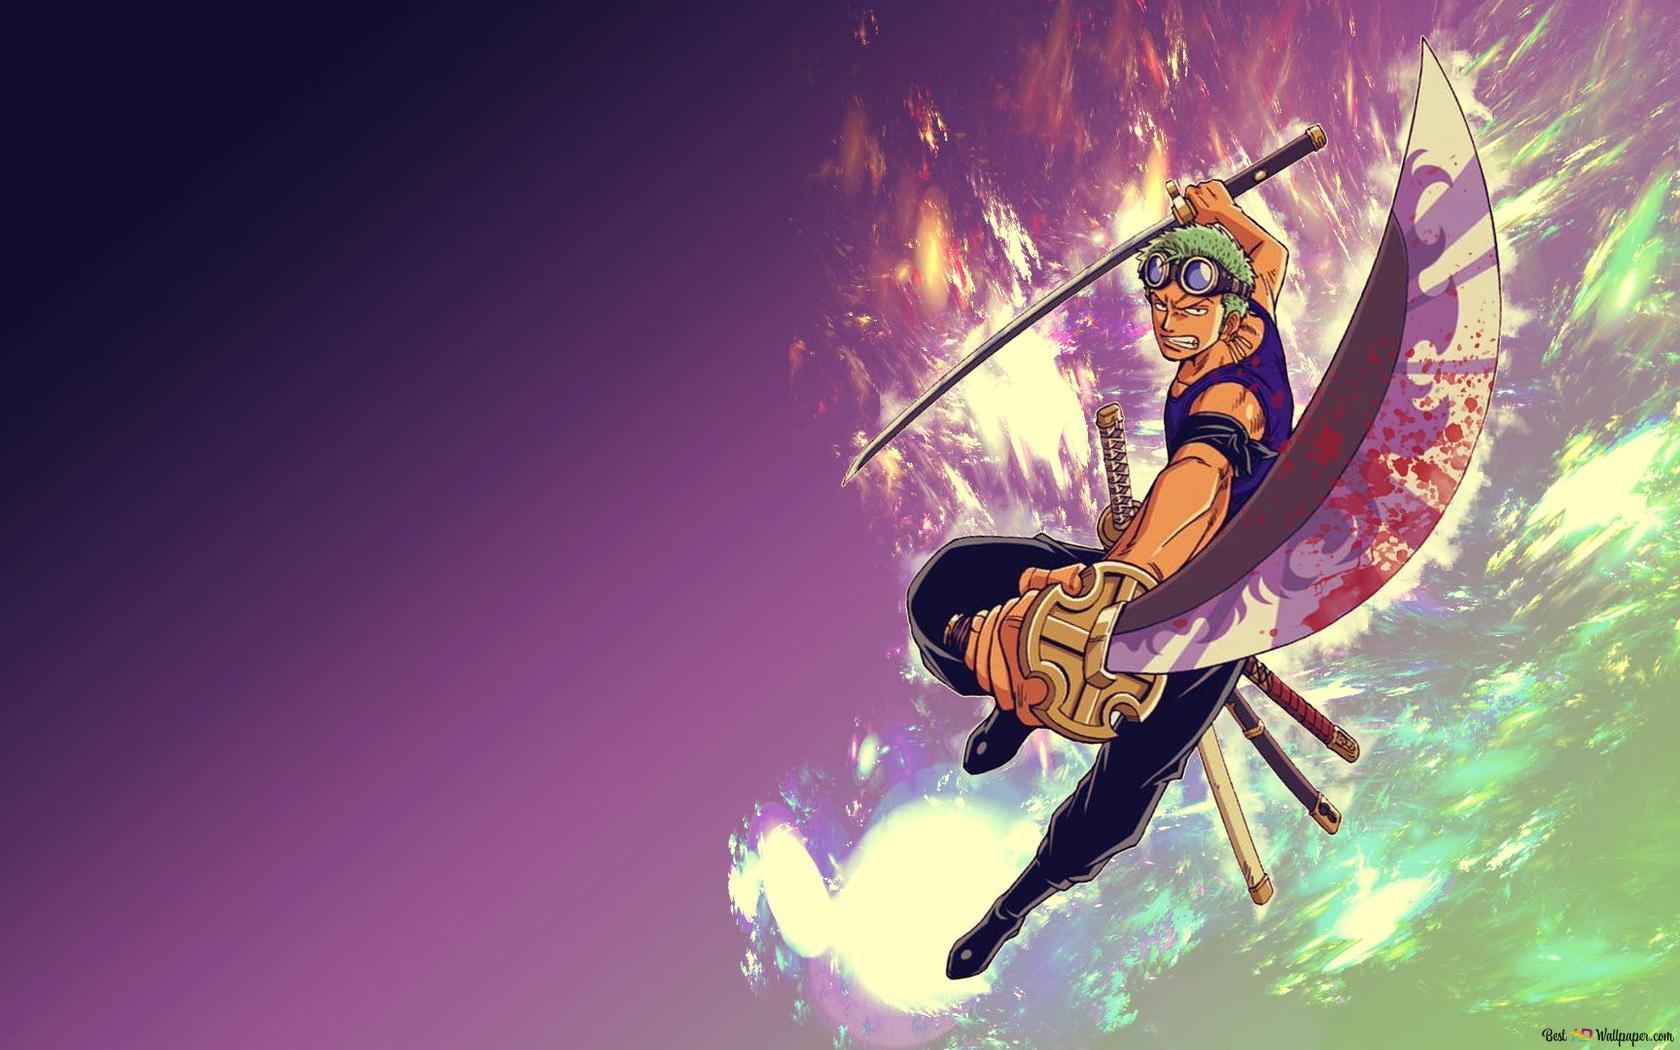 Descargar Fondo De Pantalla One Piece Roronoa Zoro Samurai Hd